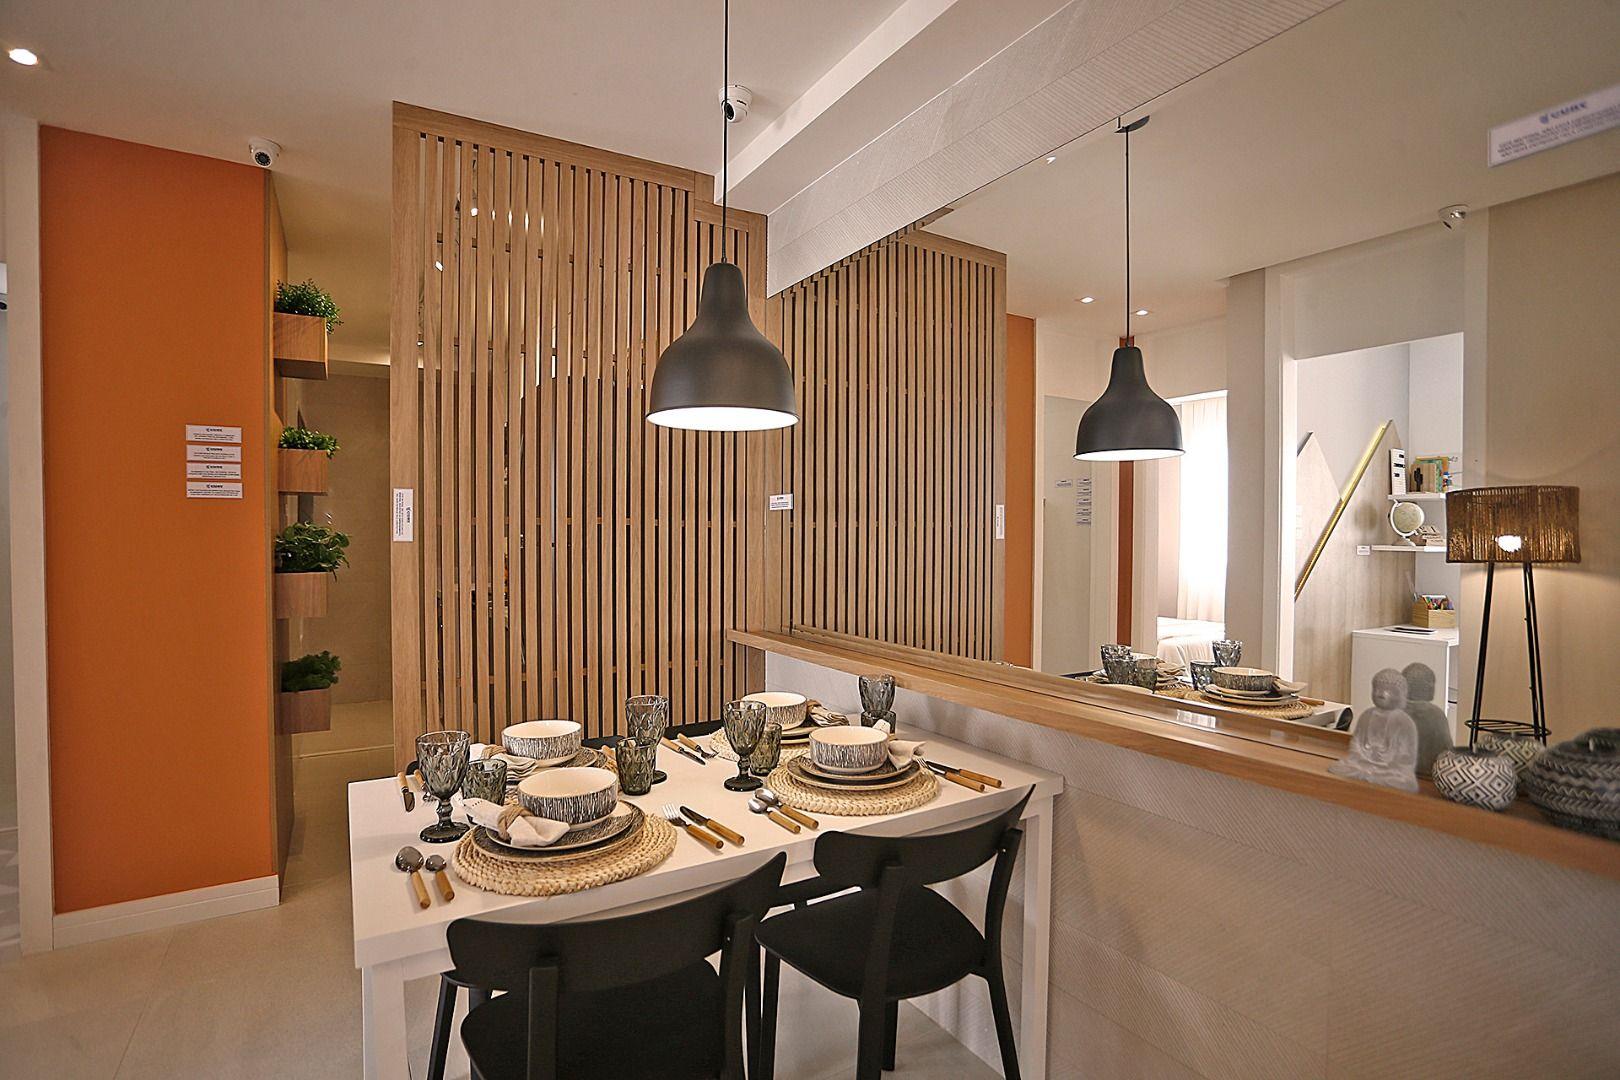 SALA do apto de 40 m² - Fotos do apartamento decorado.